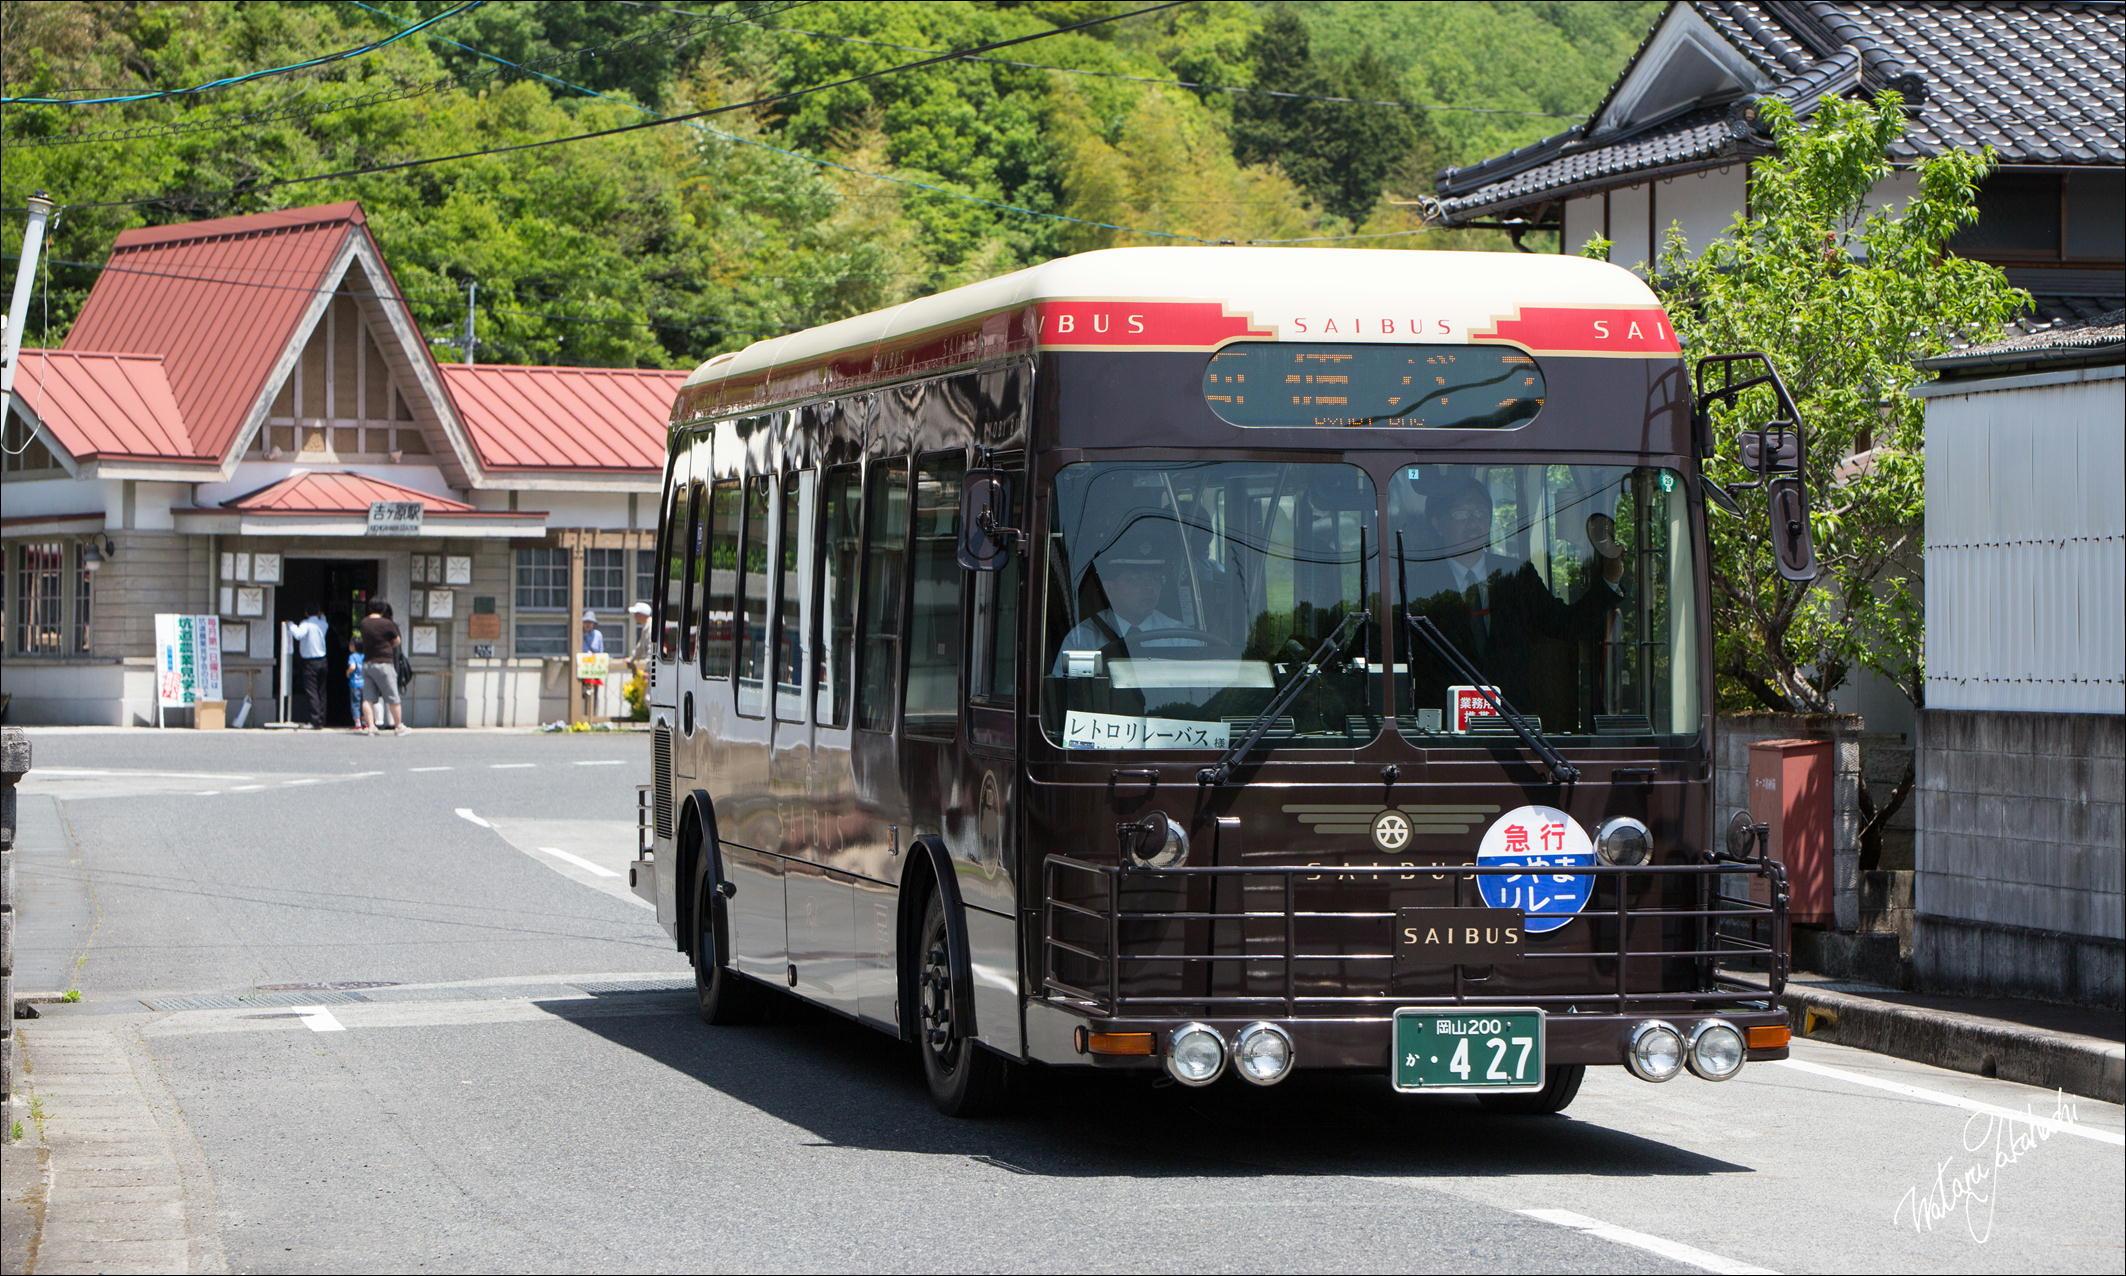 津山・美咲レトロリレーバス「SAIBUS」